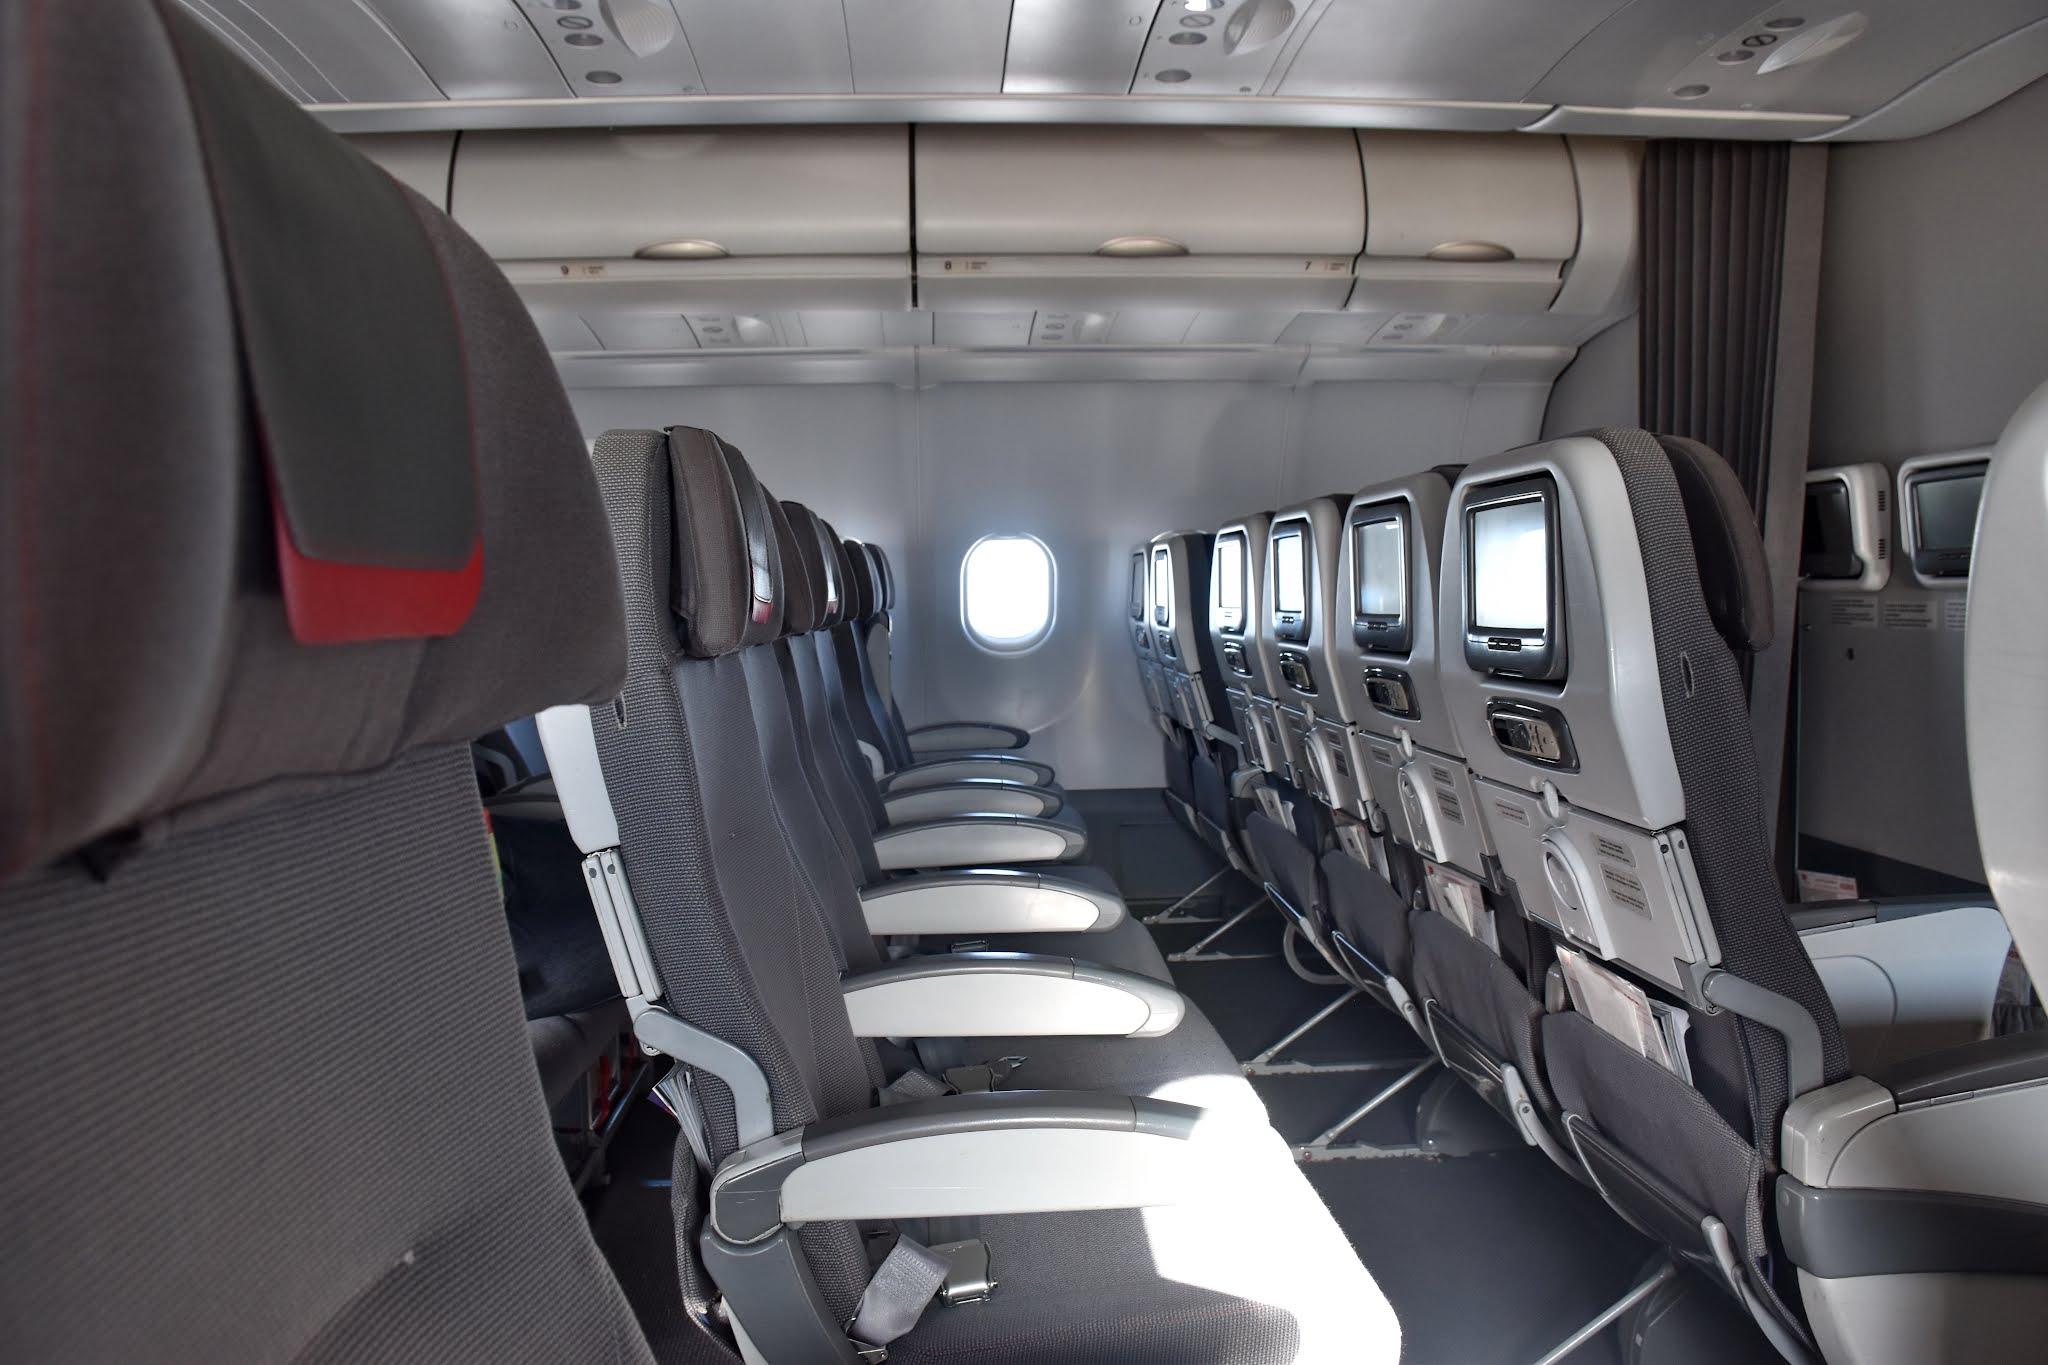 الاتحاد للطيران Etihad يعتمد خدمات وتسهيلات جديدة للسفر